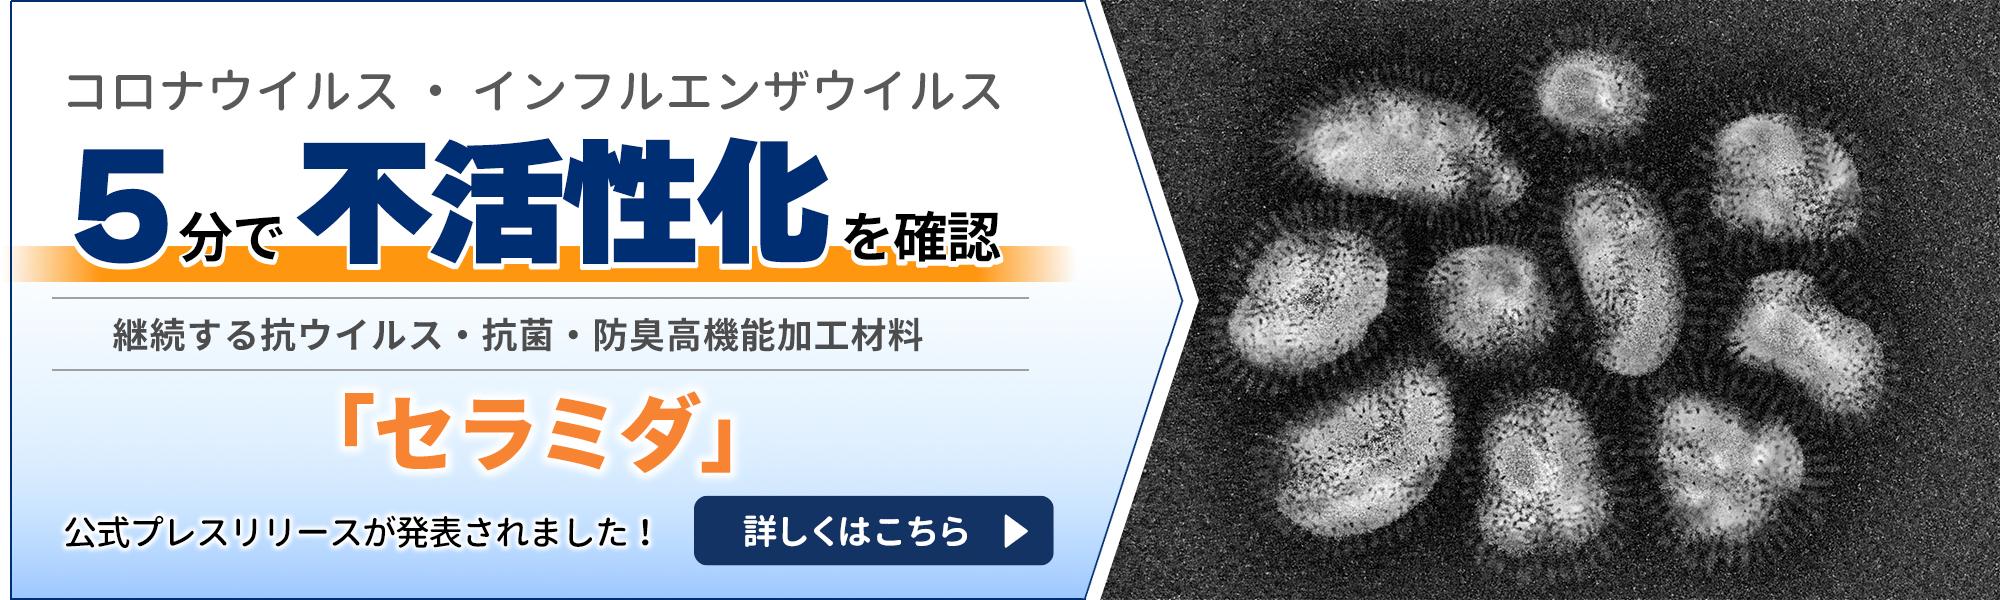 プレスリリース:セラミダがコロナウイルス・インフルエンザウイルスを5分で不活性化